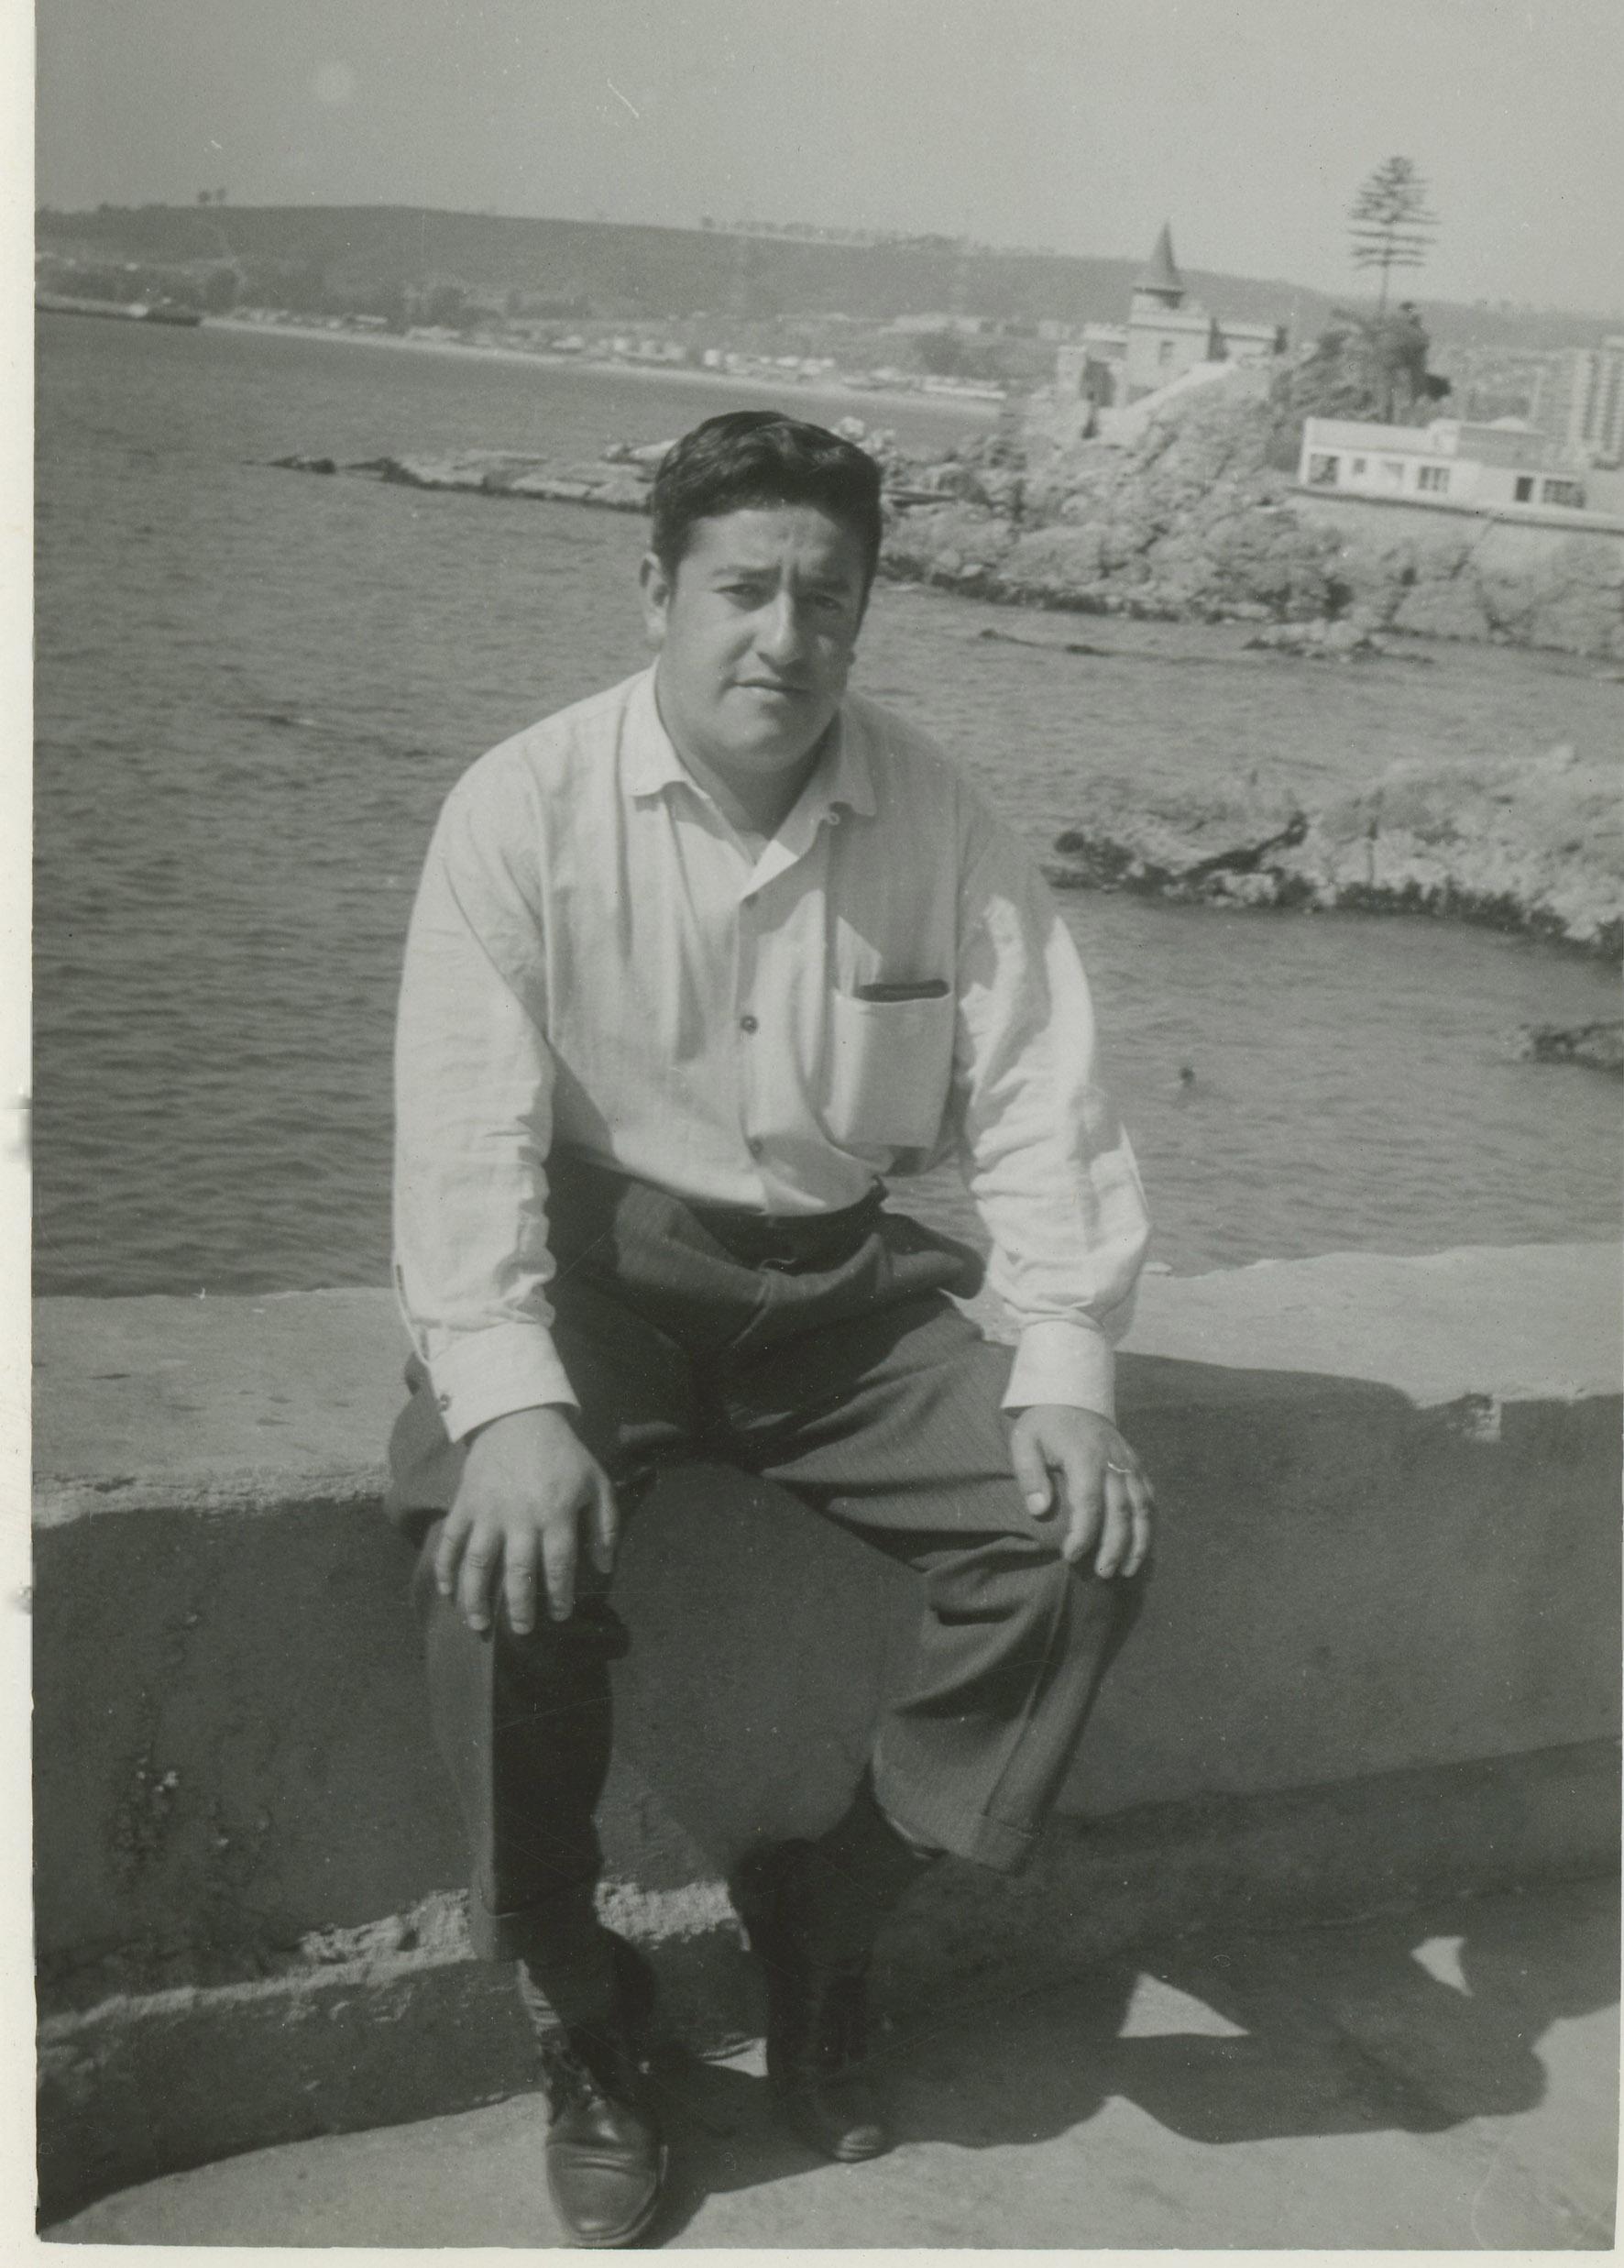 Enterreno - Fotos históricas de chile - fotos antiguas de Chile - Hombre en Viña del mar en 1969